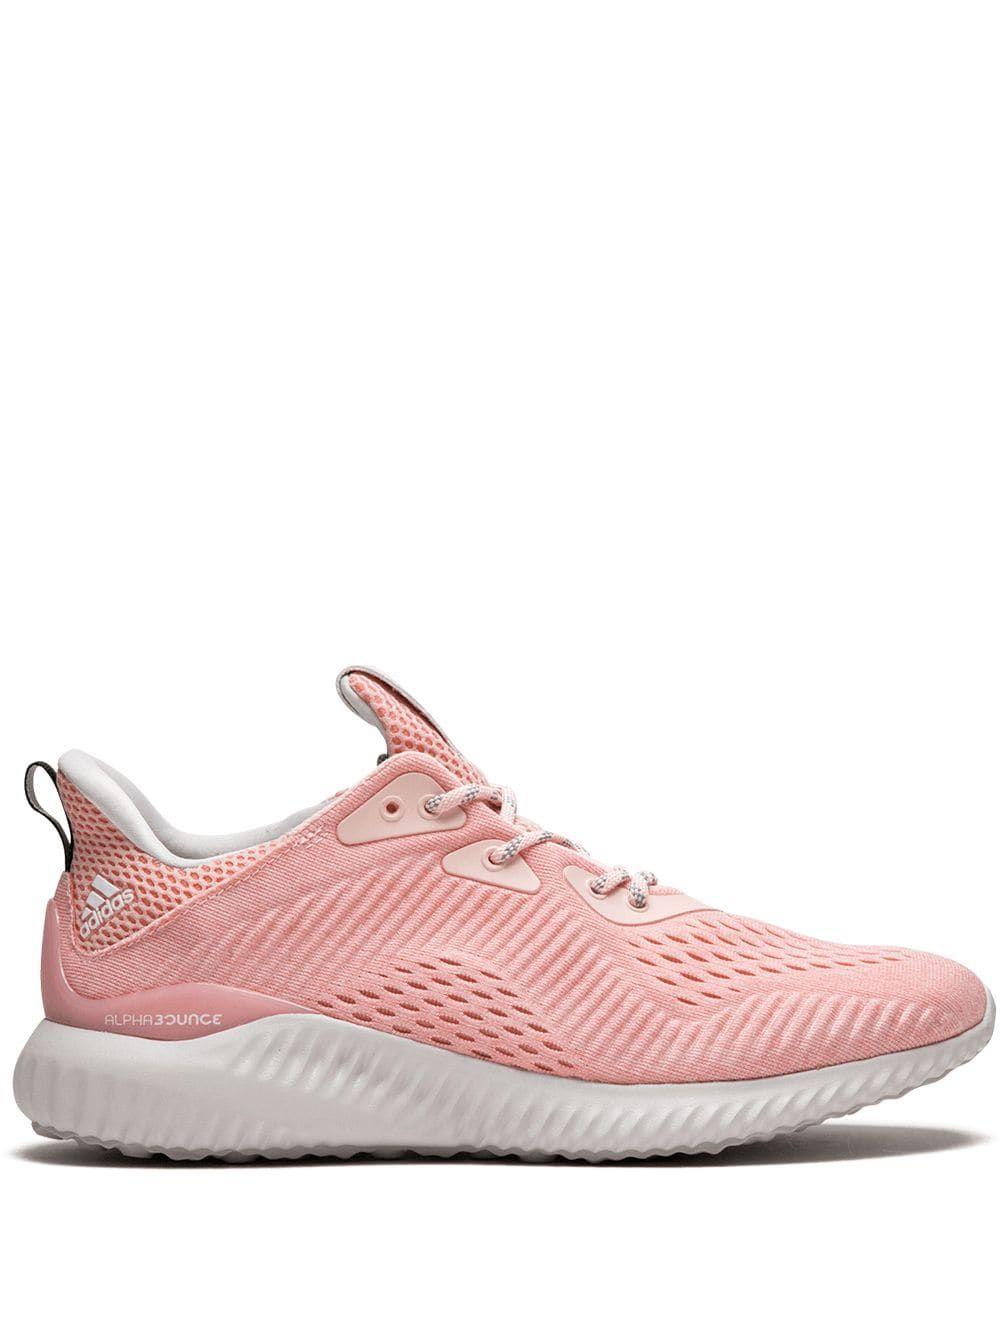 Adidas Originals Adidas Alphabounce Em M Sneakers Pink